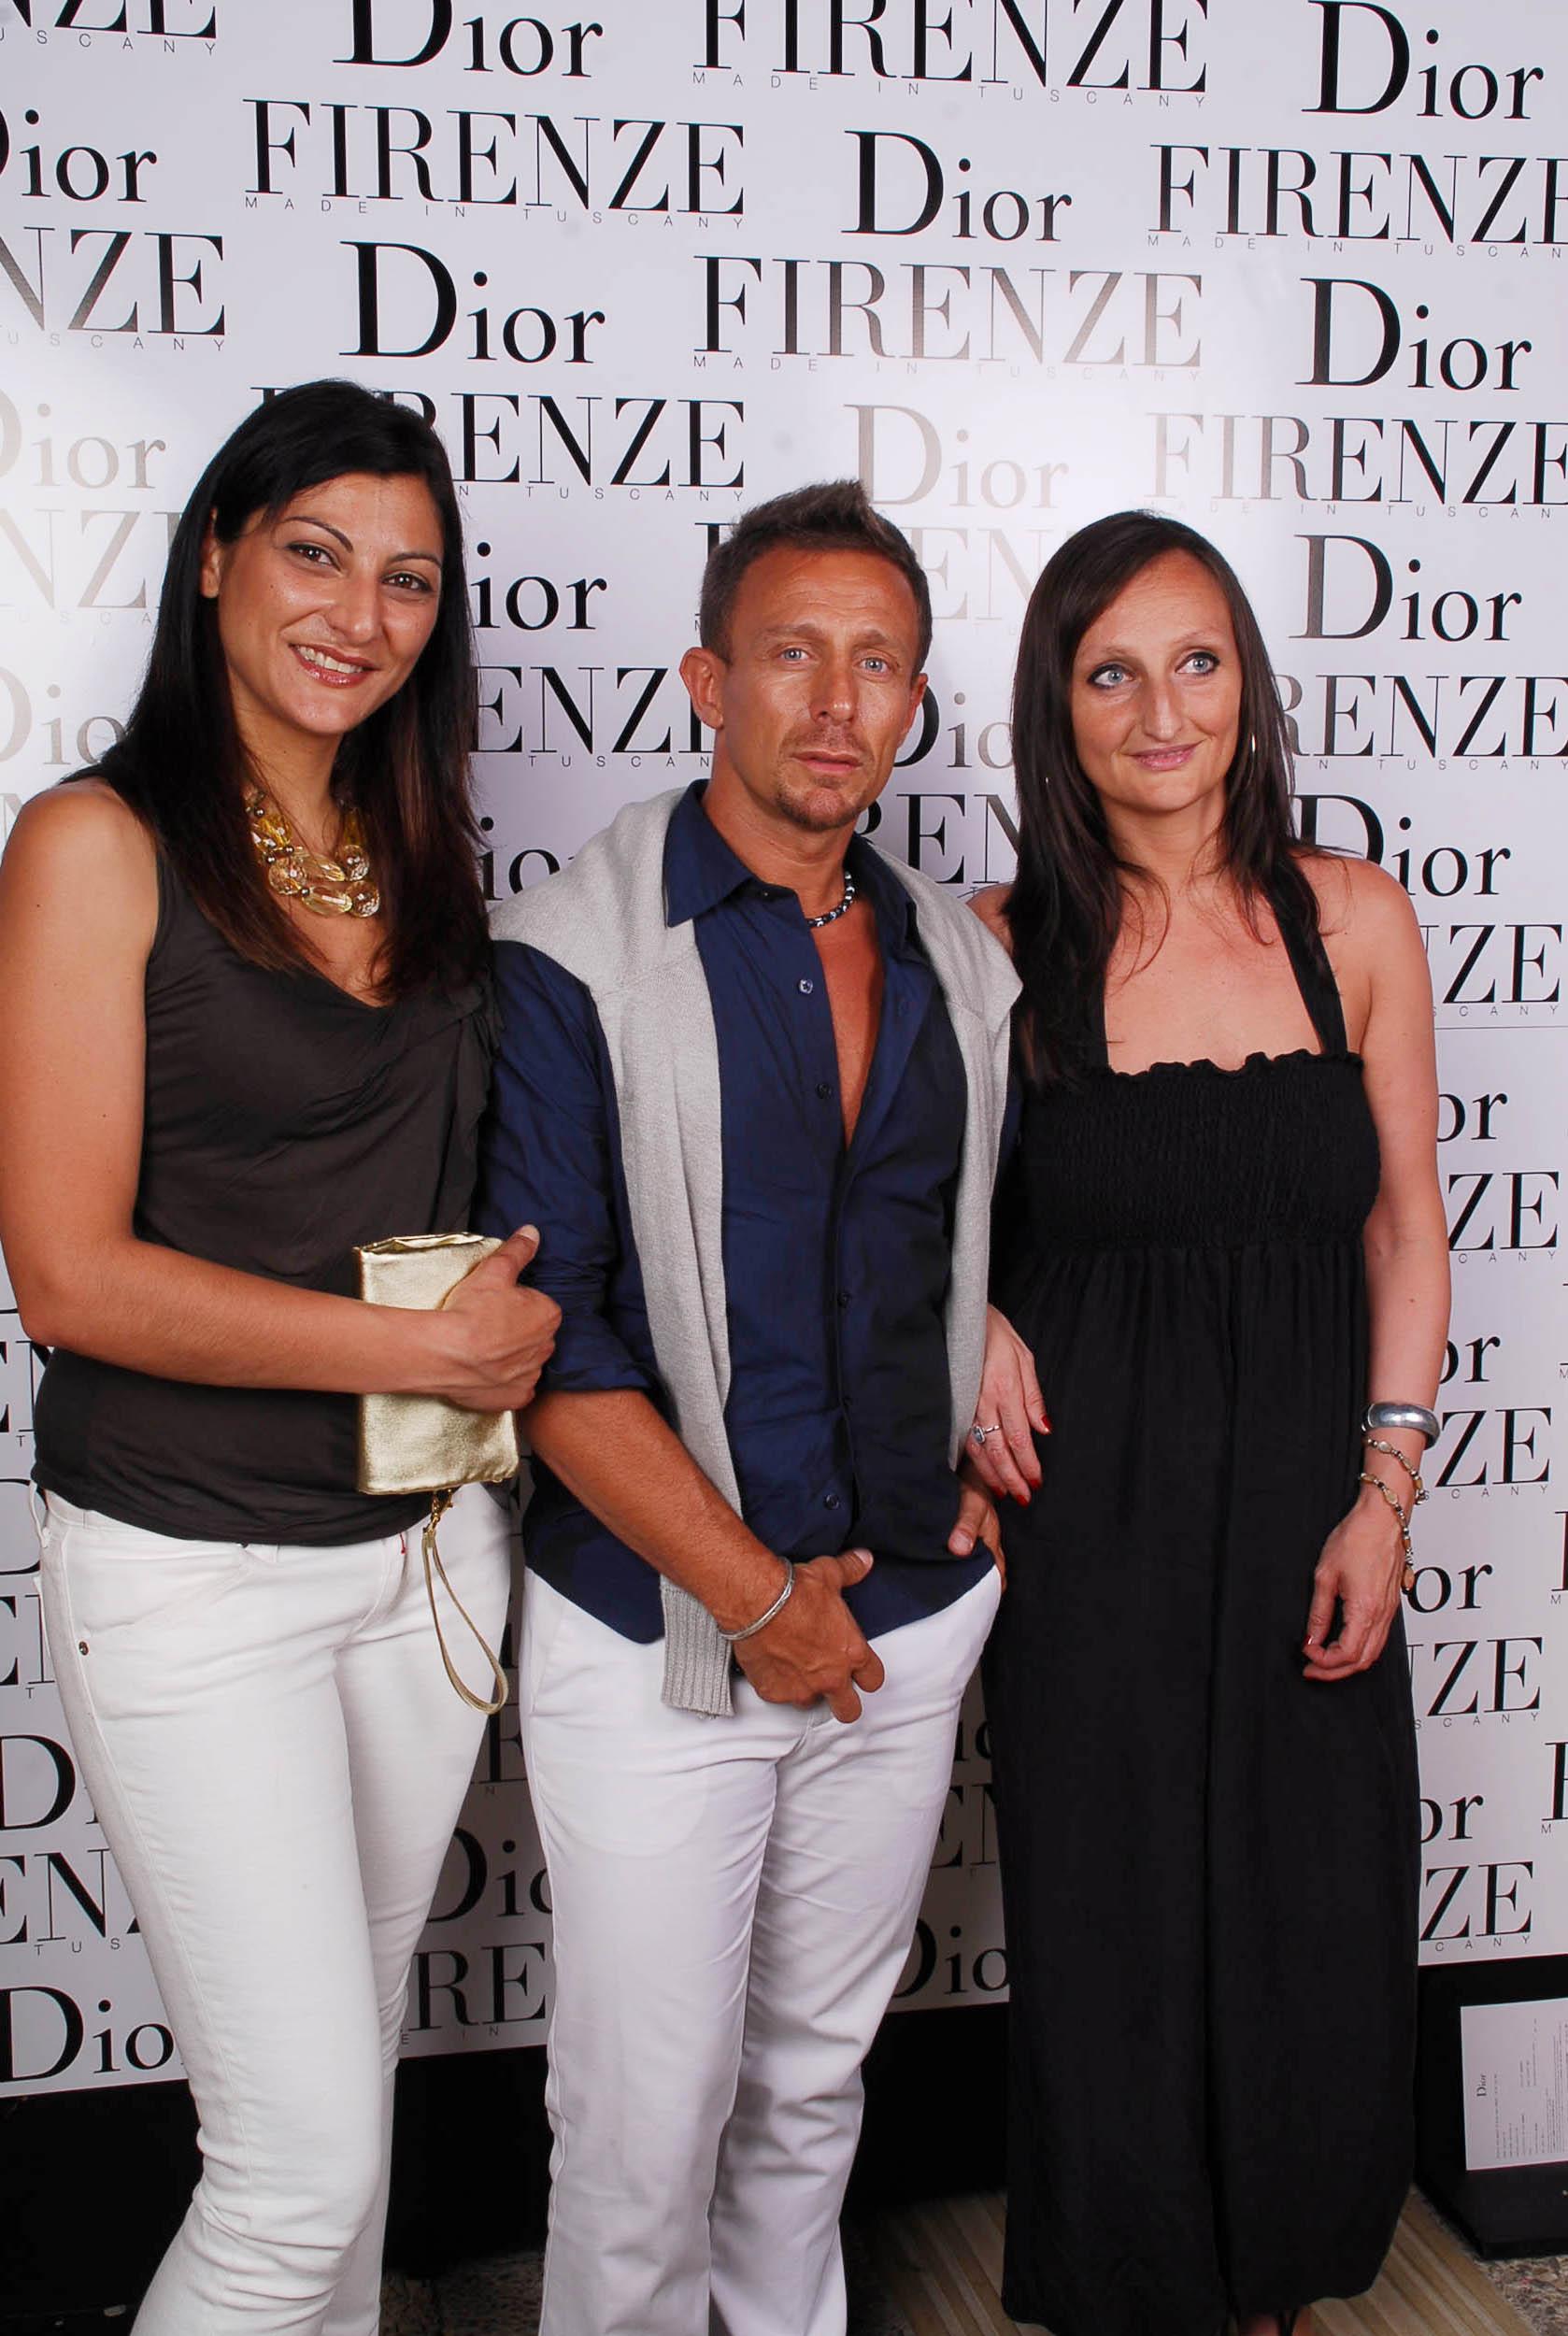 PRESSPHOTO  Firenze, evento Dior al teatro romano di Fiesole. Nella foto Oscar Lasarte, Sabrina Fuligni e Annalisa Muccio